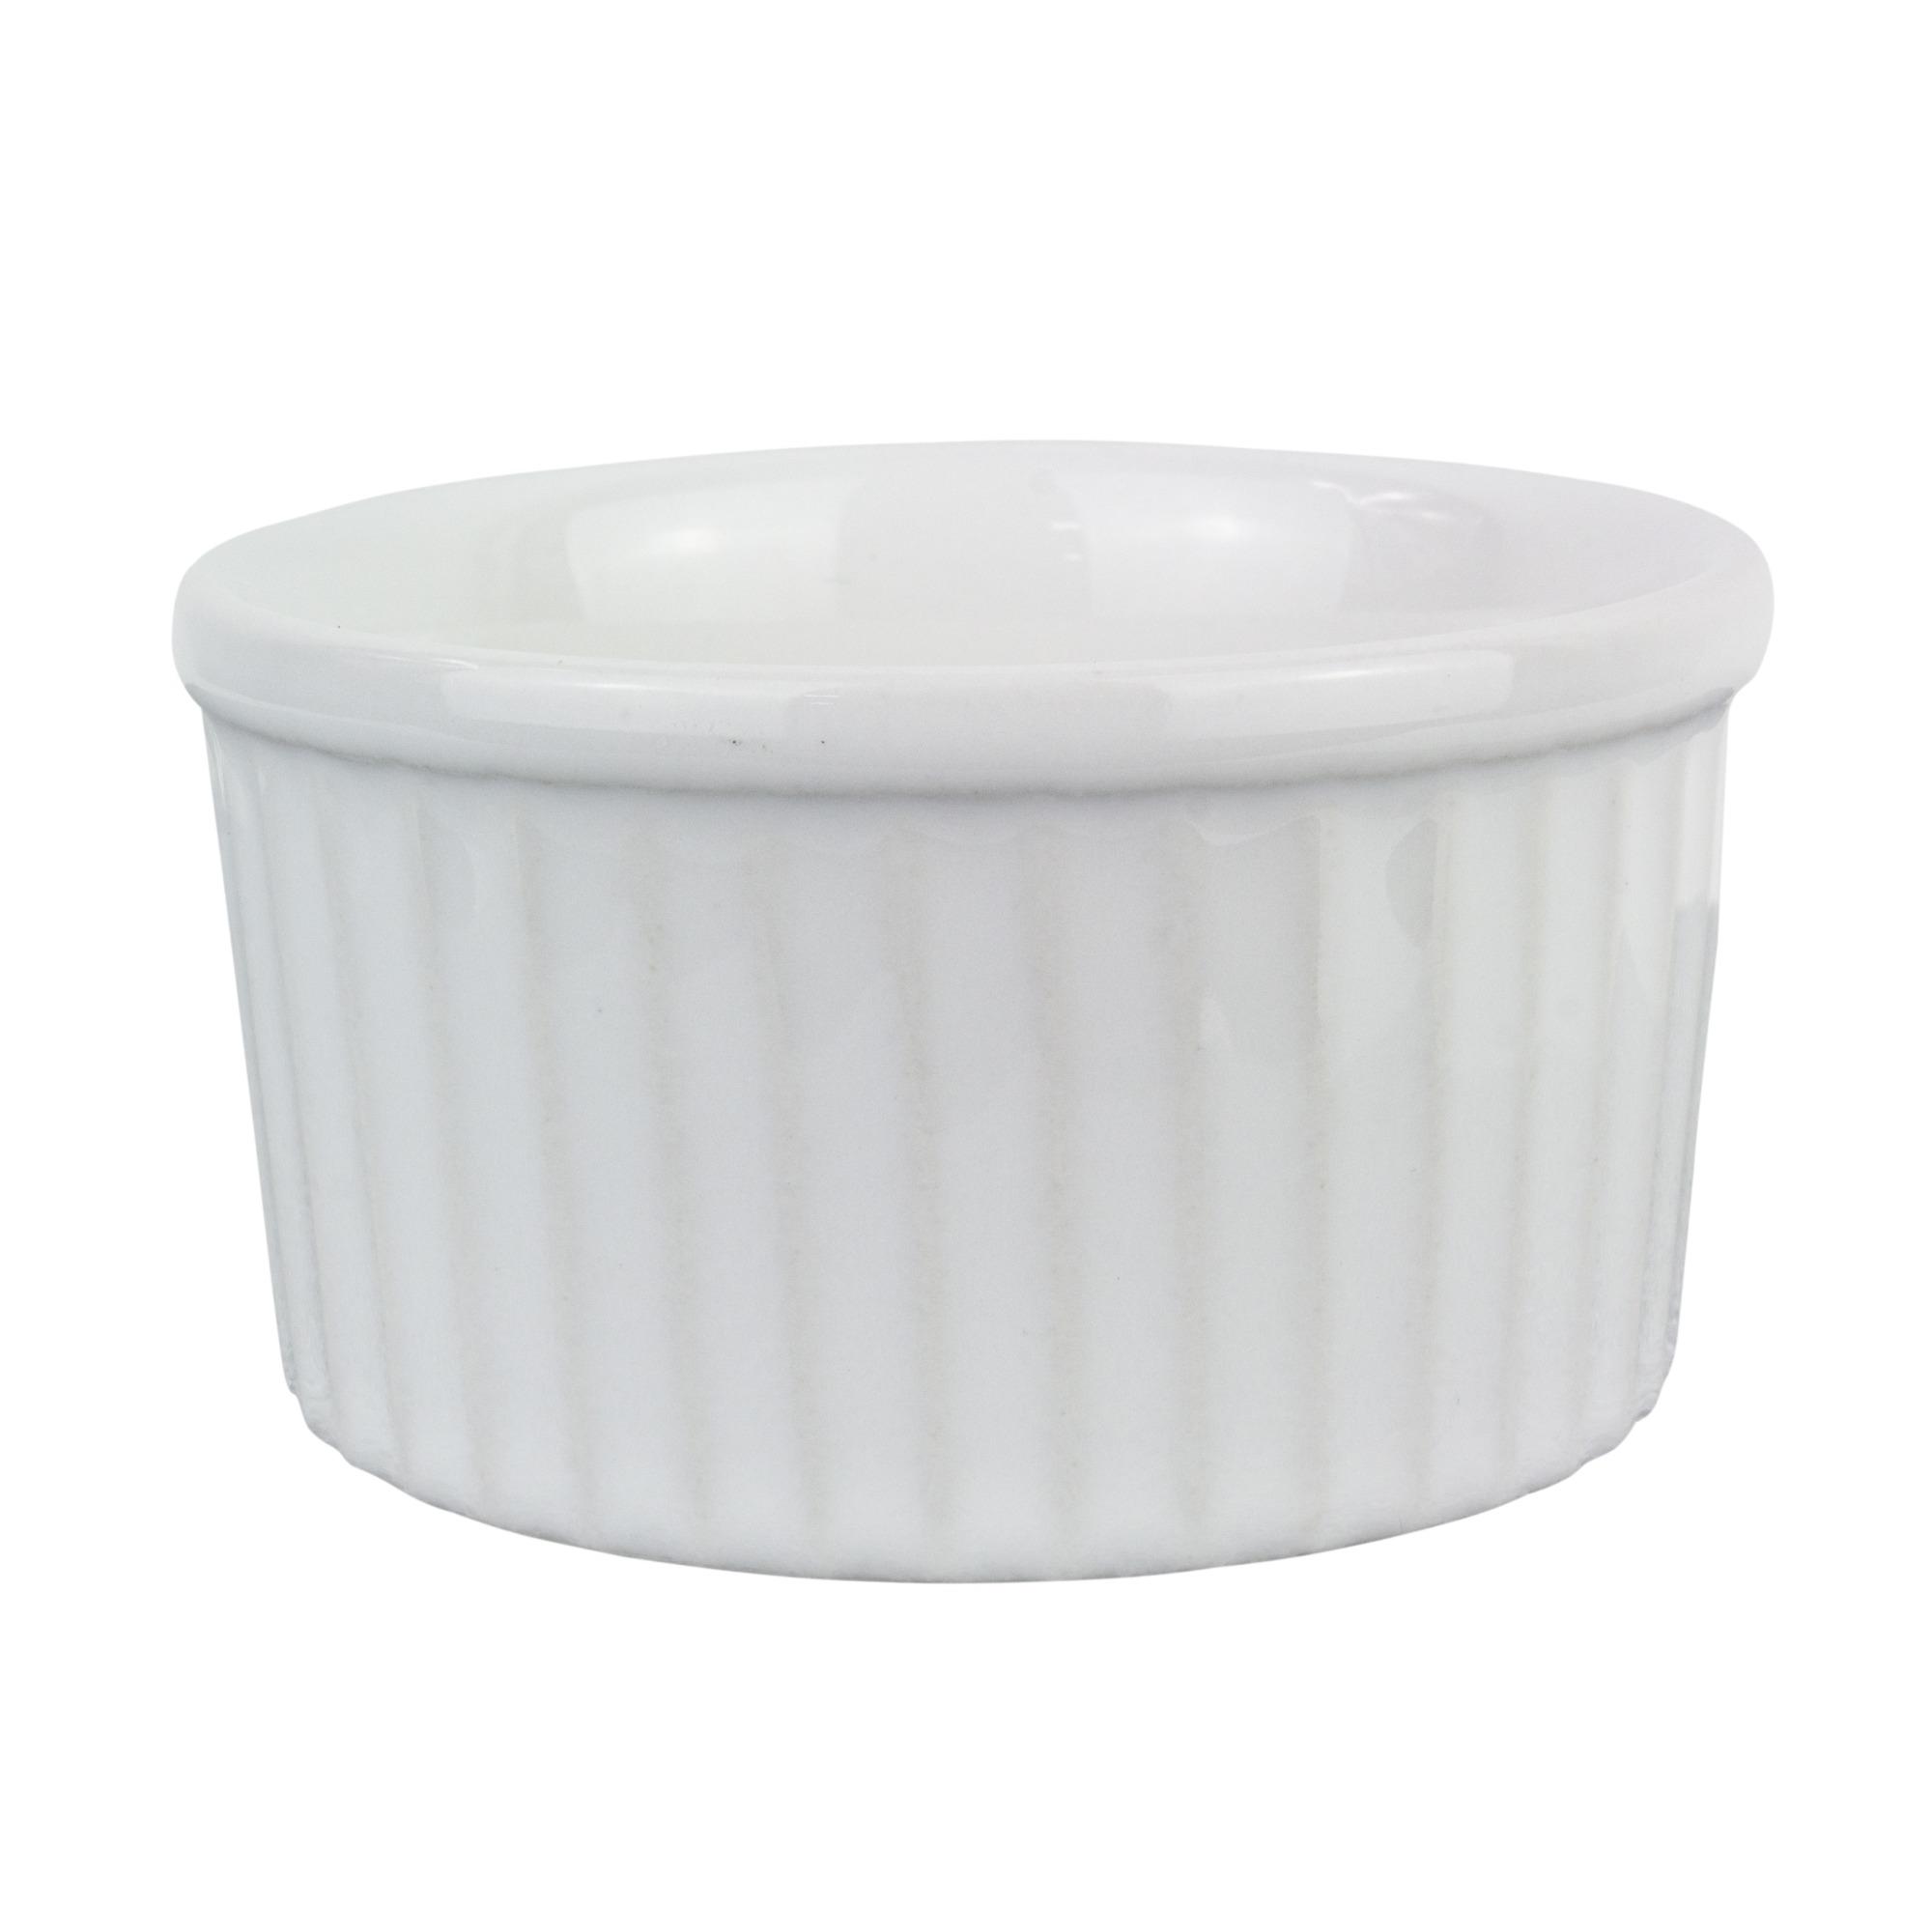 Tigela Ramequim de Porcelana 8x4cm Branco - Oxford